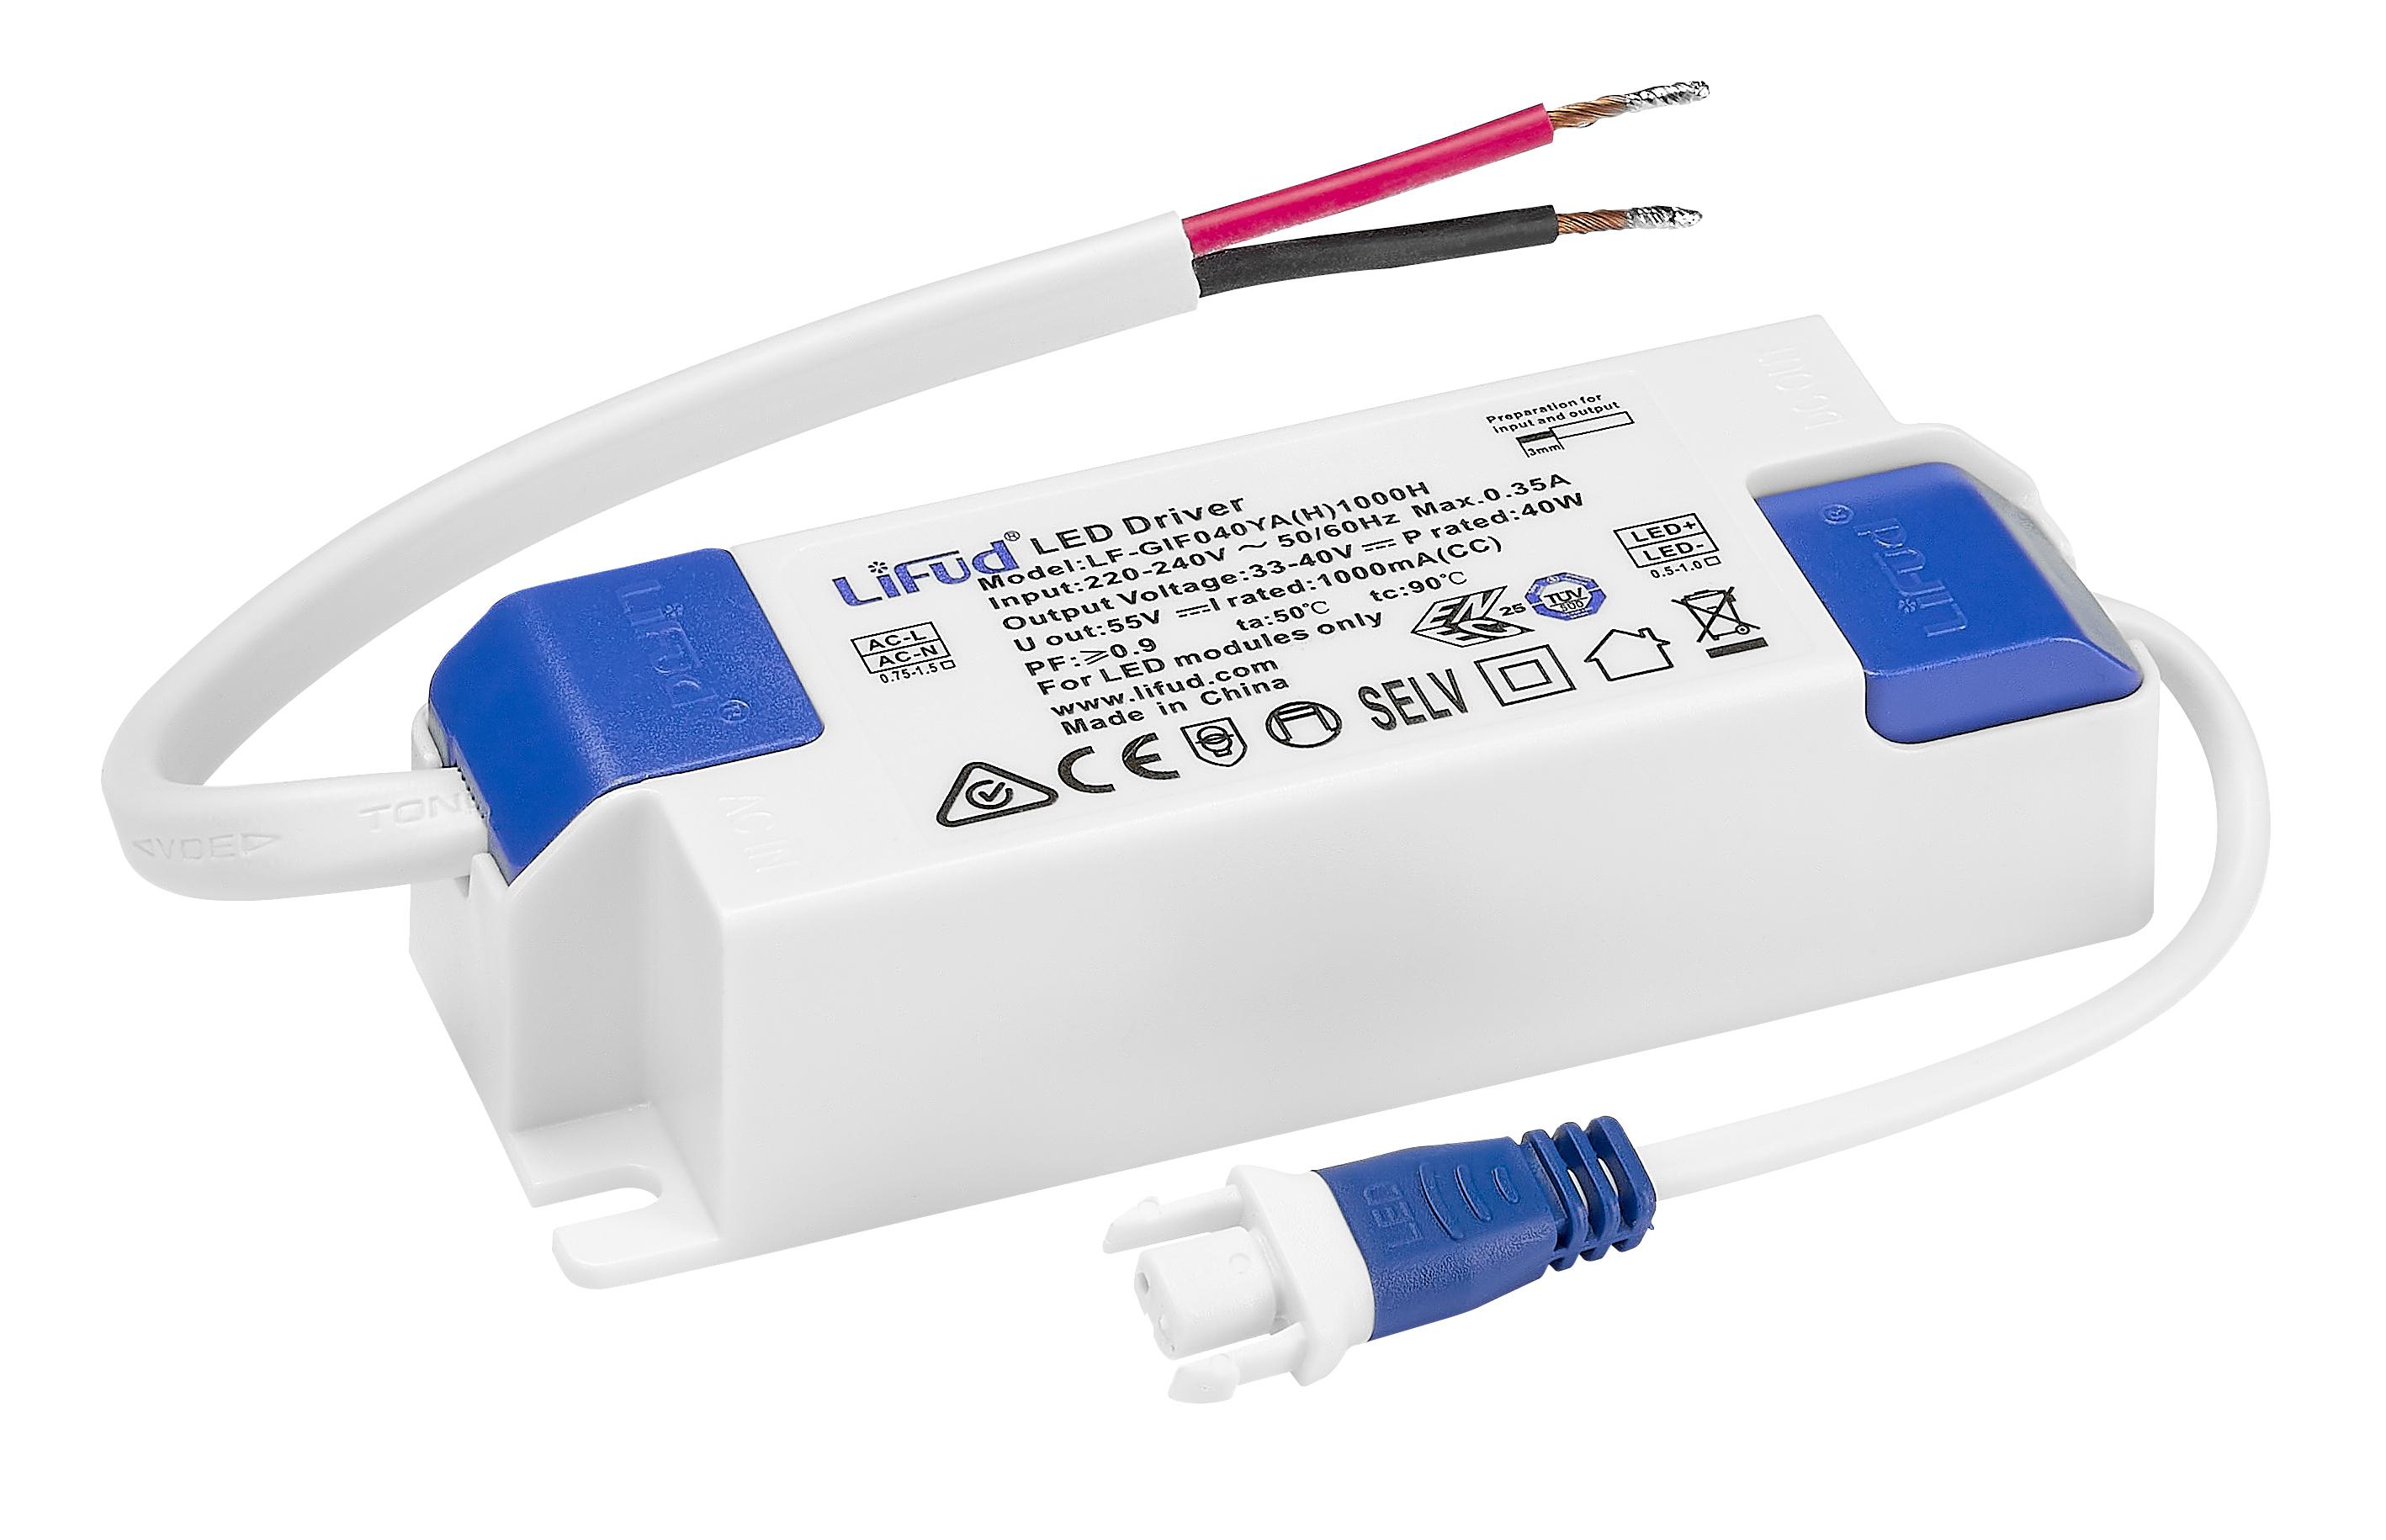 1 Stk LED Driver on/off  für Serie Lano 4 LED LITP0028--